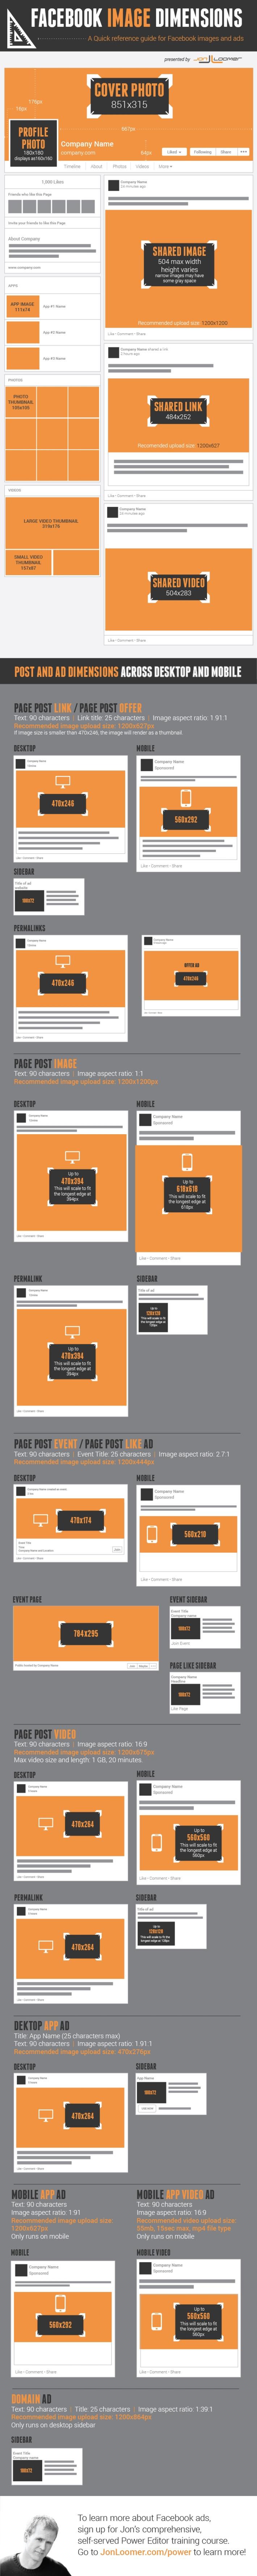 [Facebook] Guide complet des dimensions pour les nouvelles fan pages | TIC et TICE mais... en français | Scoop.it